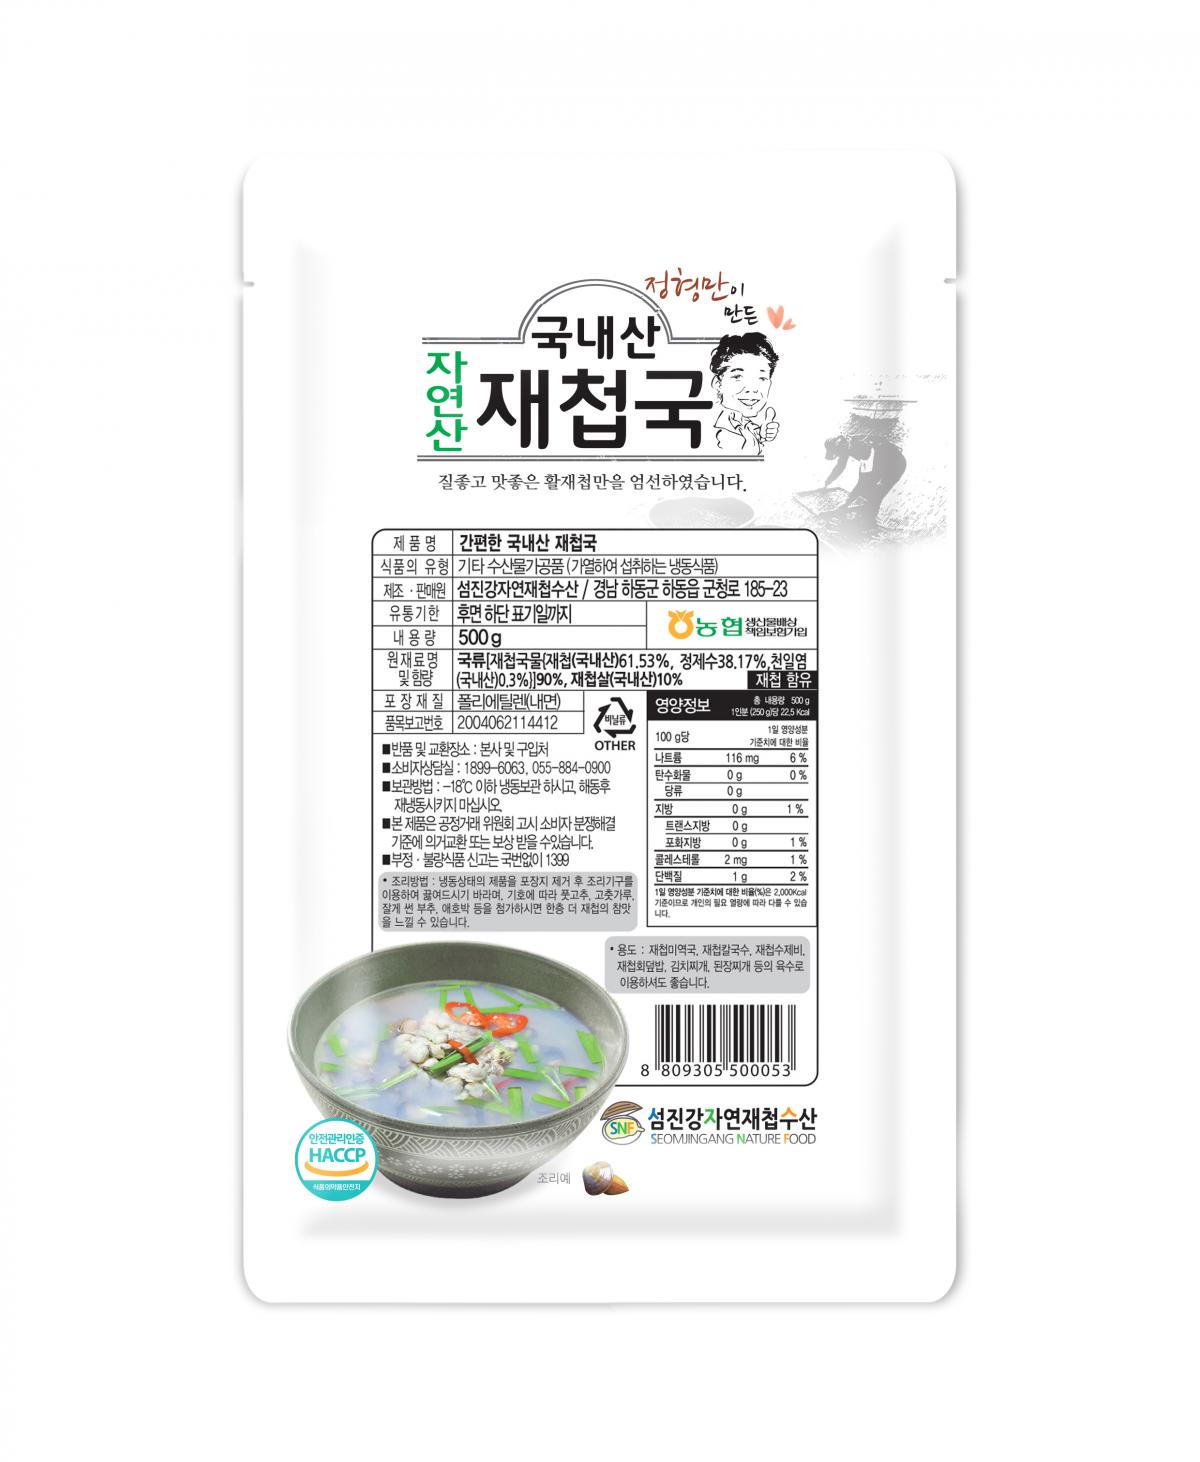 하동군_섬진강자연재첩수산 사진2(재첩국)